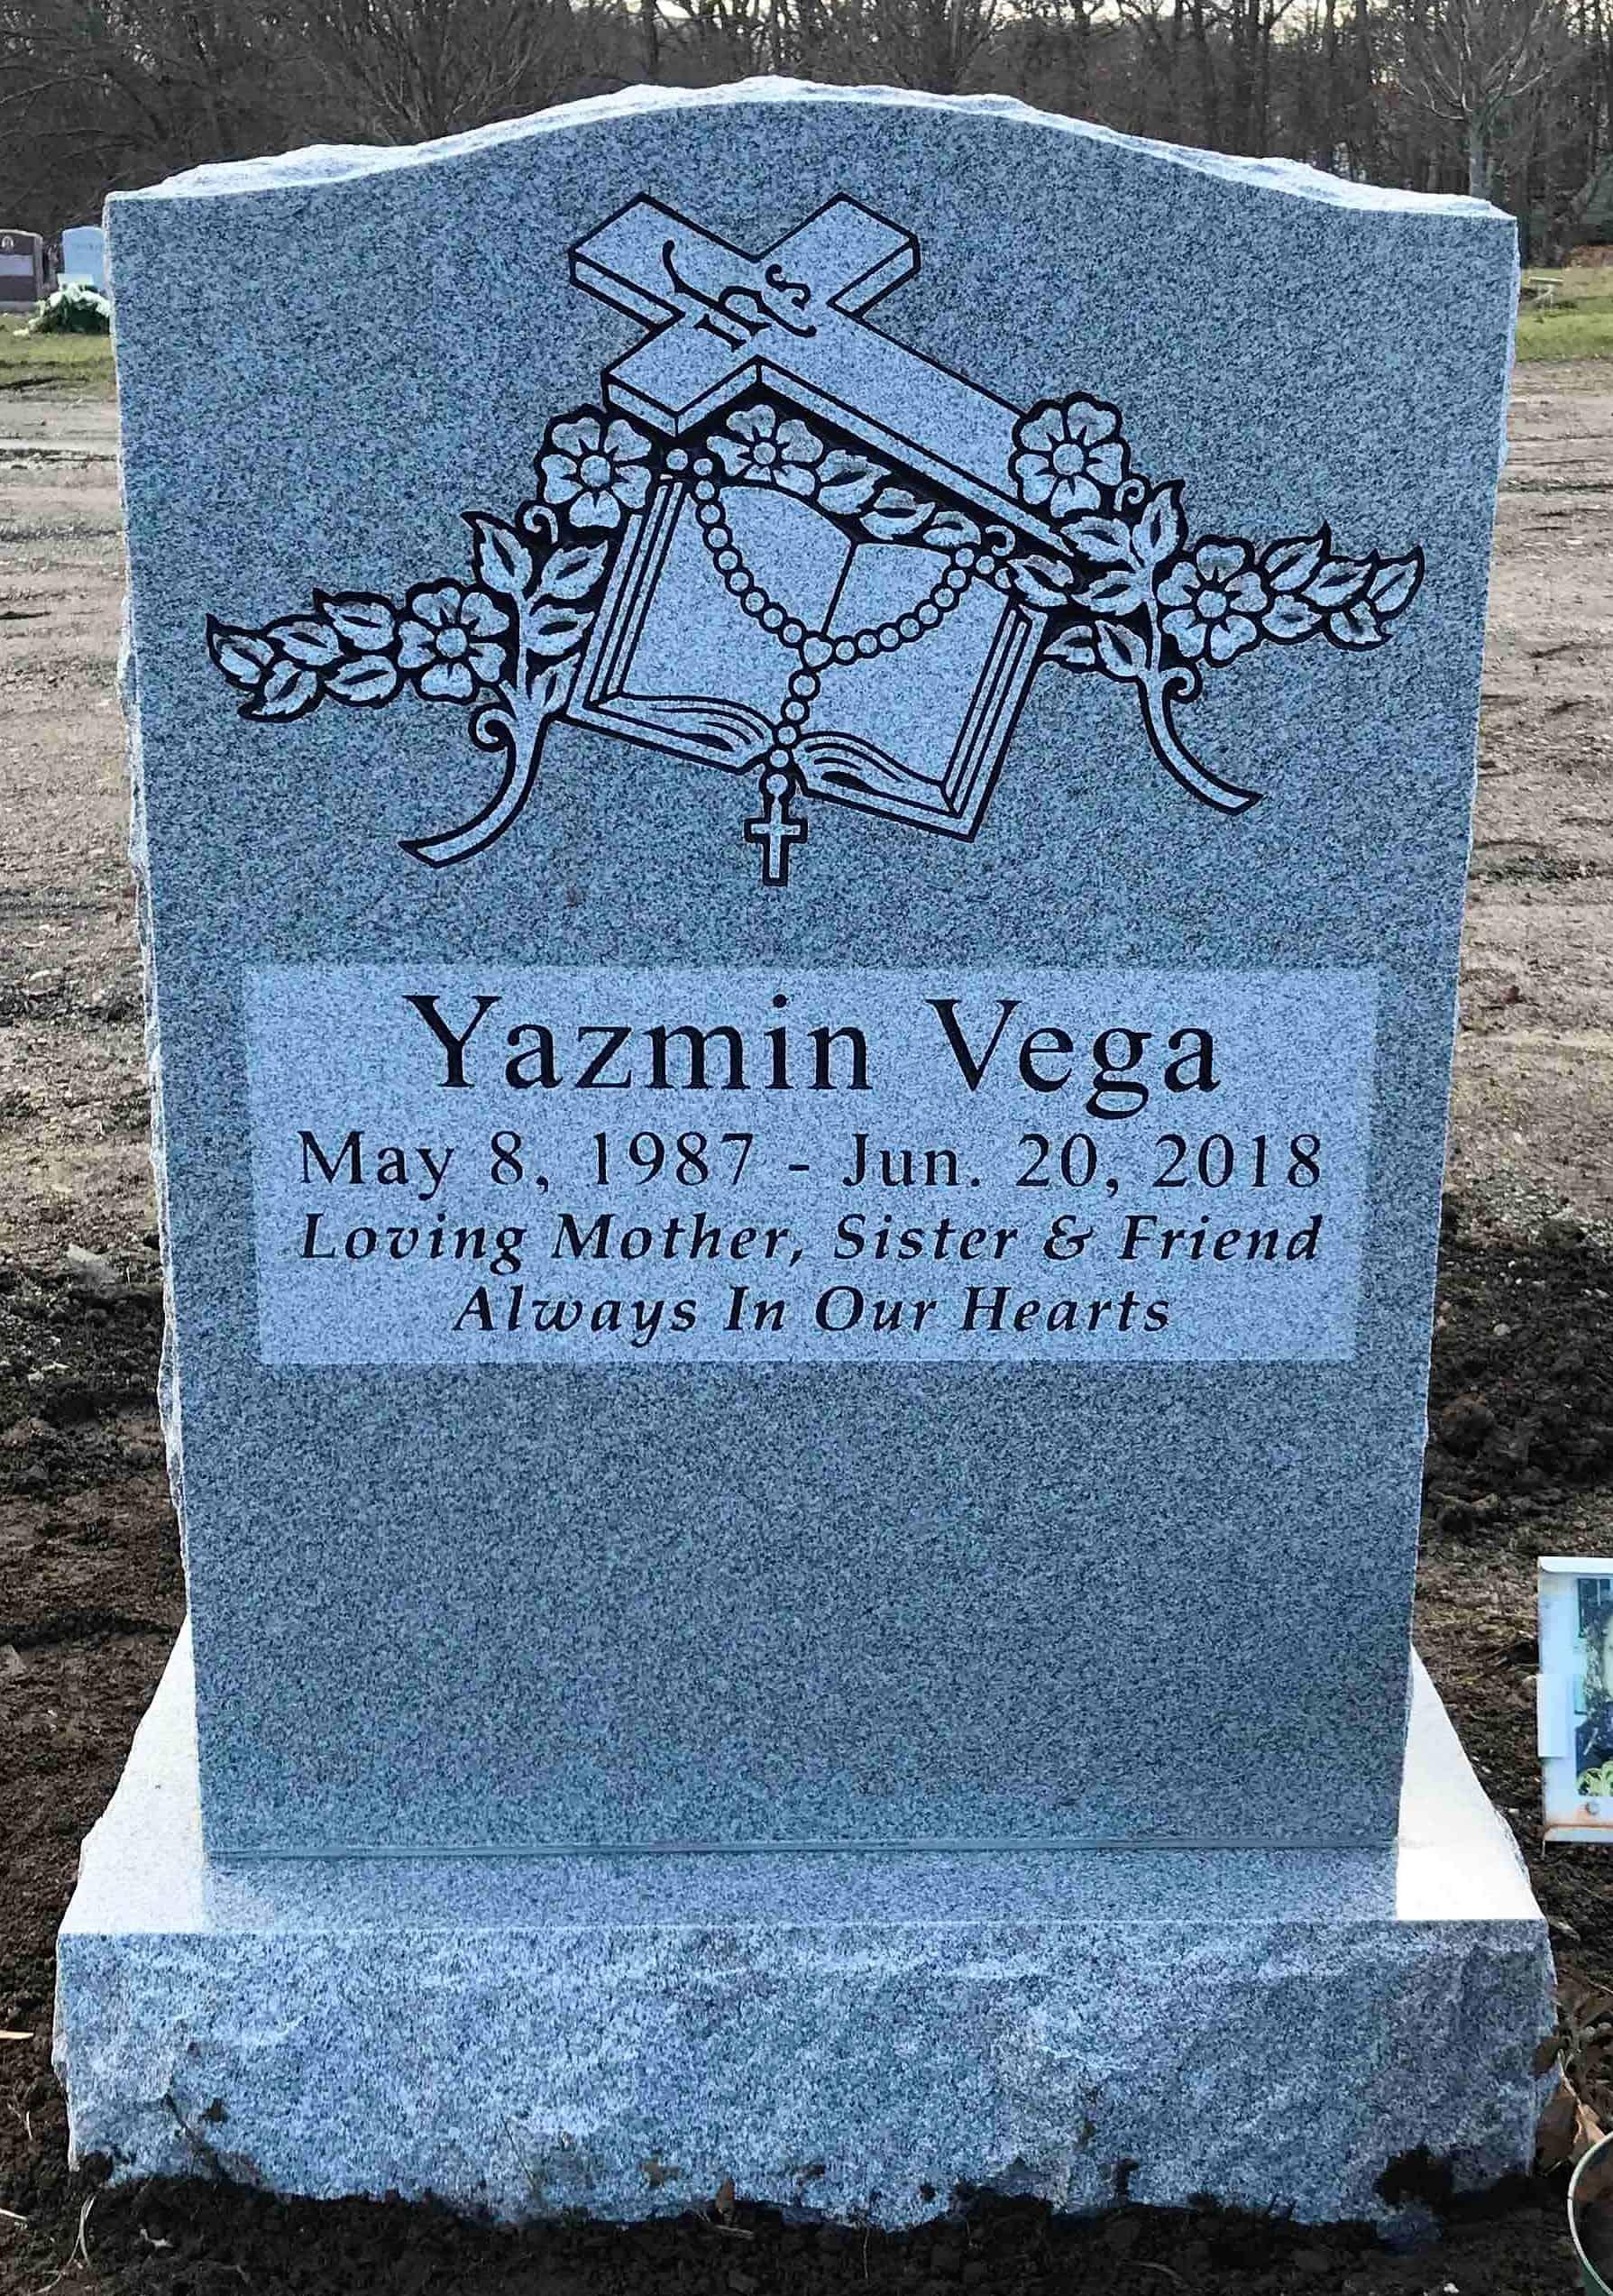 Yazmin-Vega-set